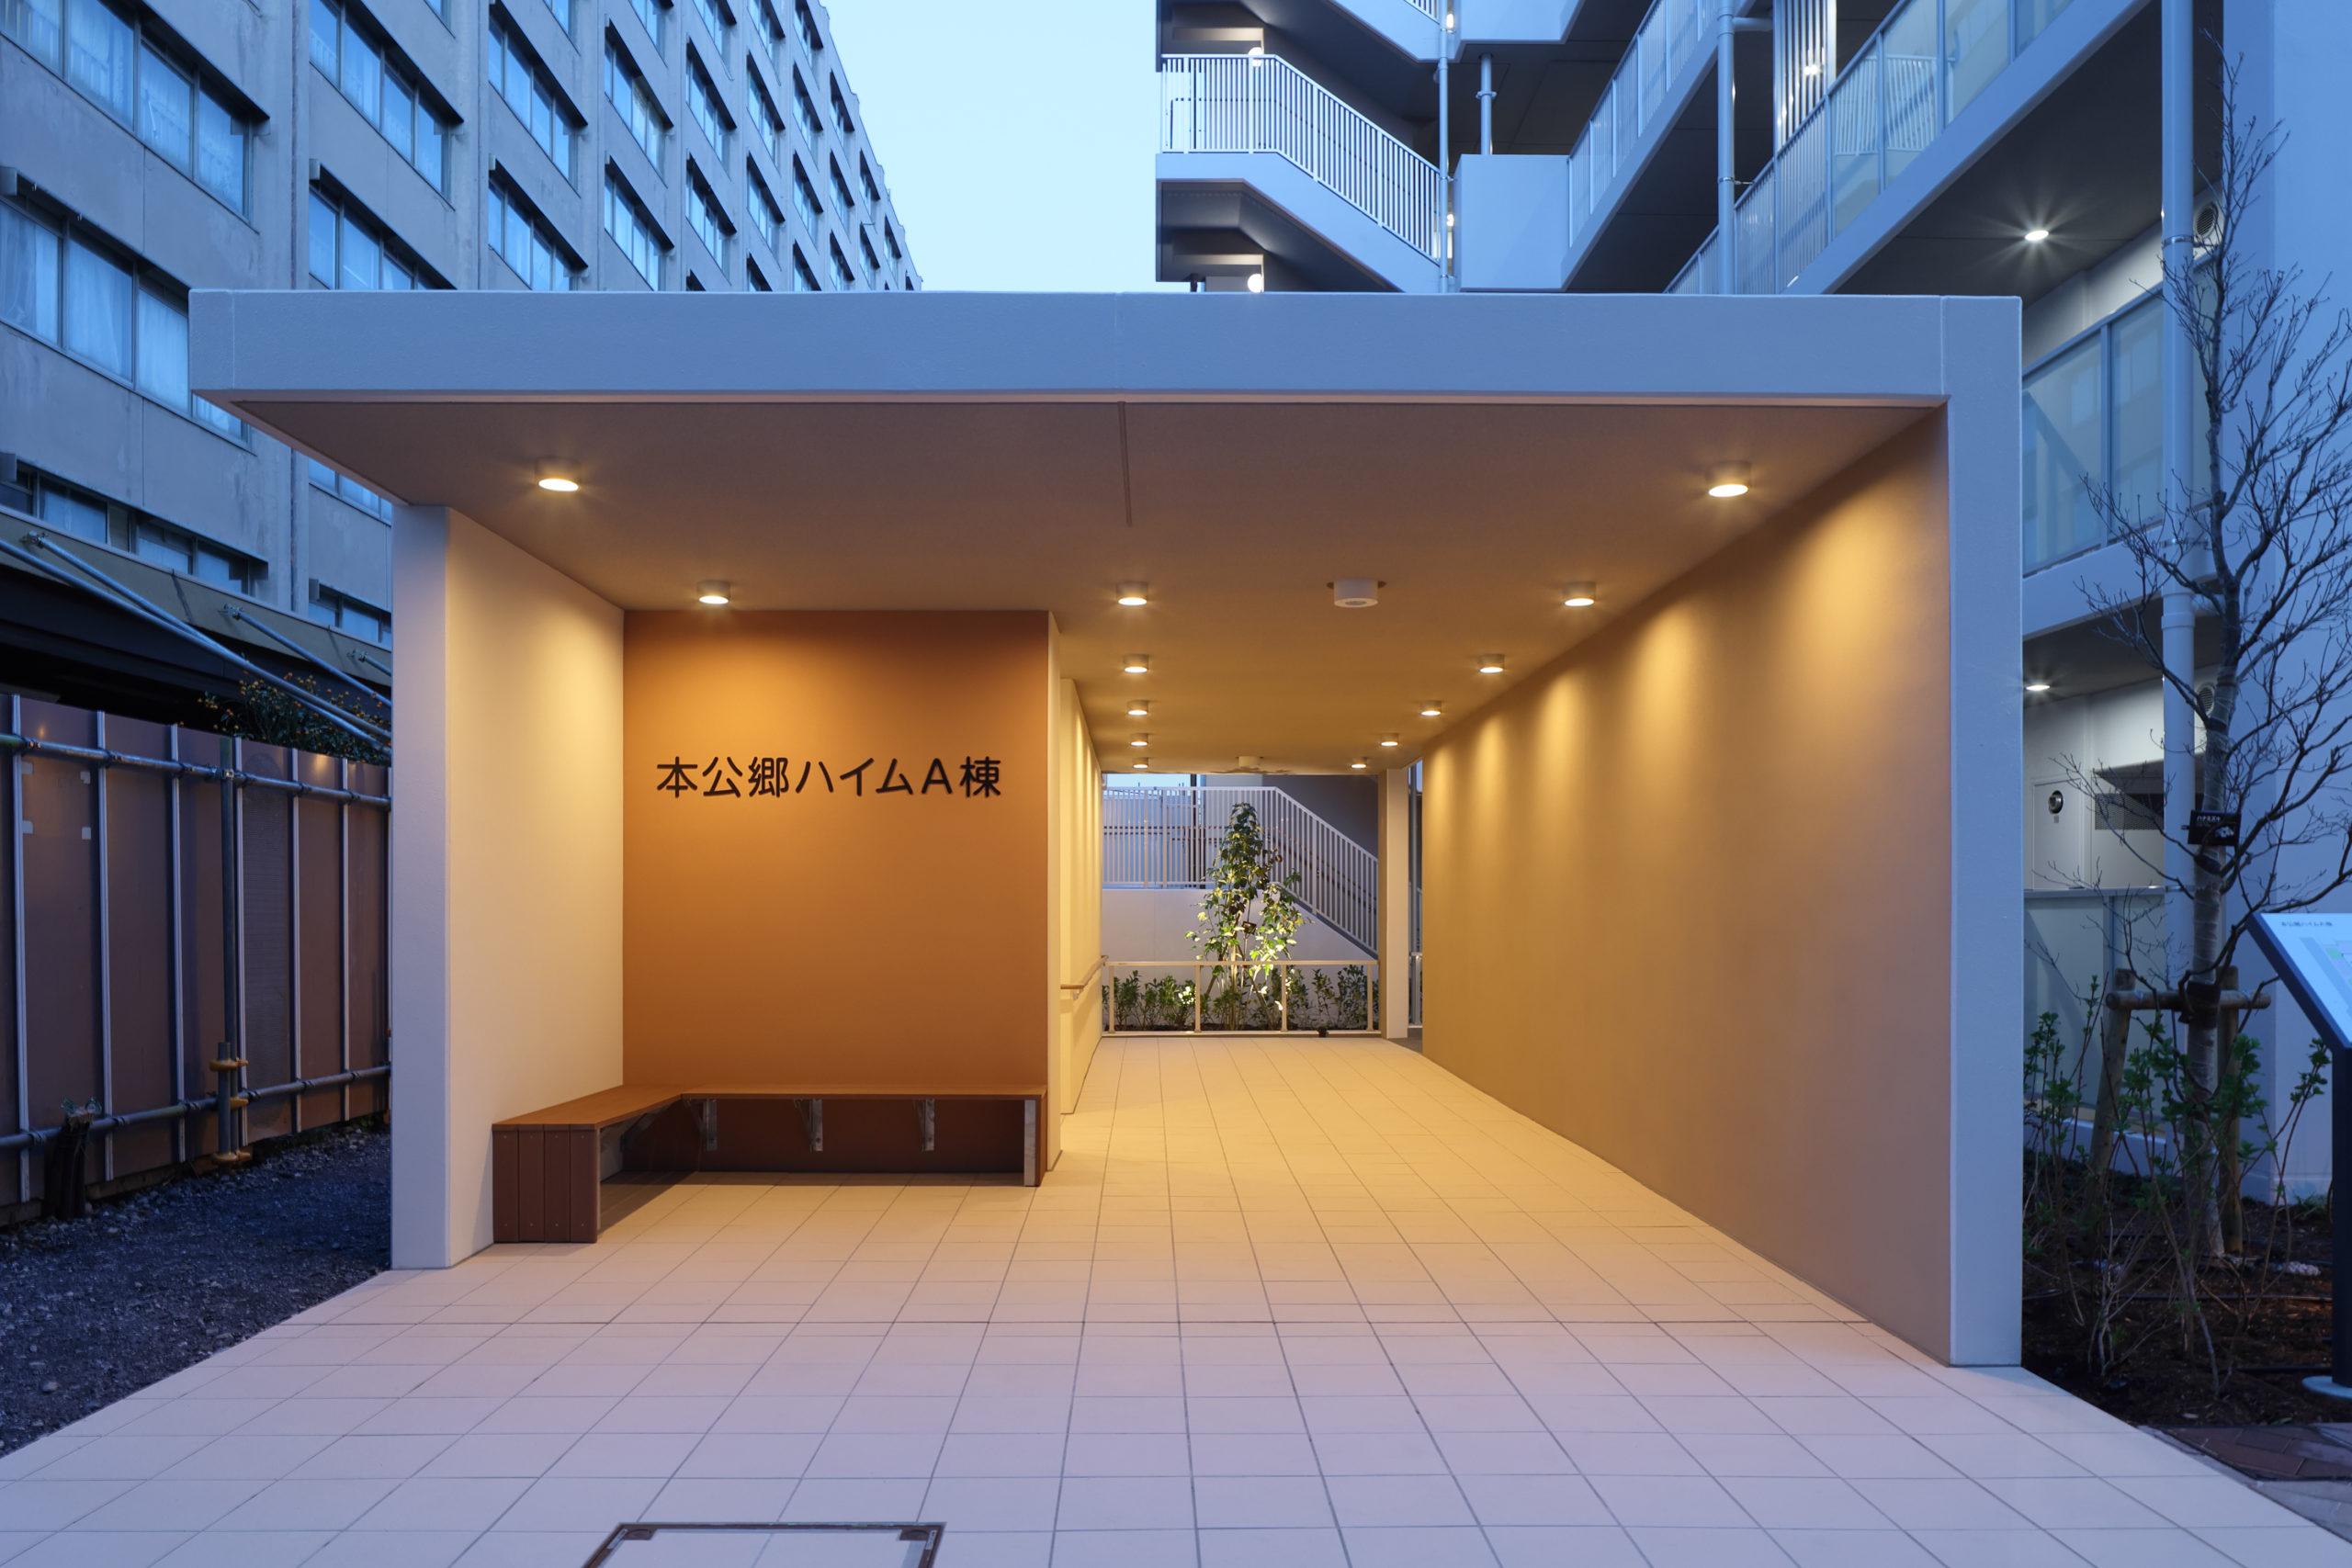 横須賀市営本公郷改良アパート建替事業